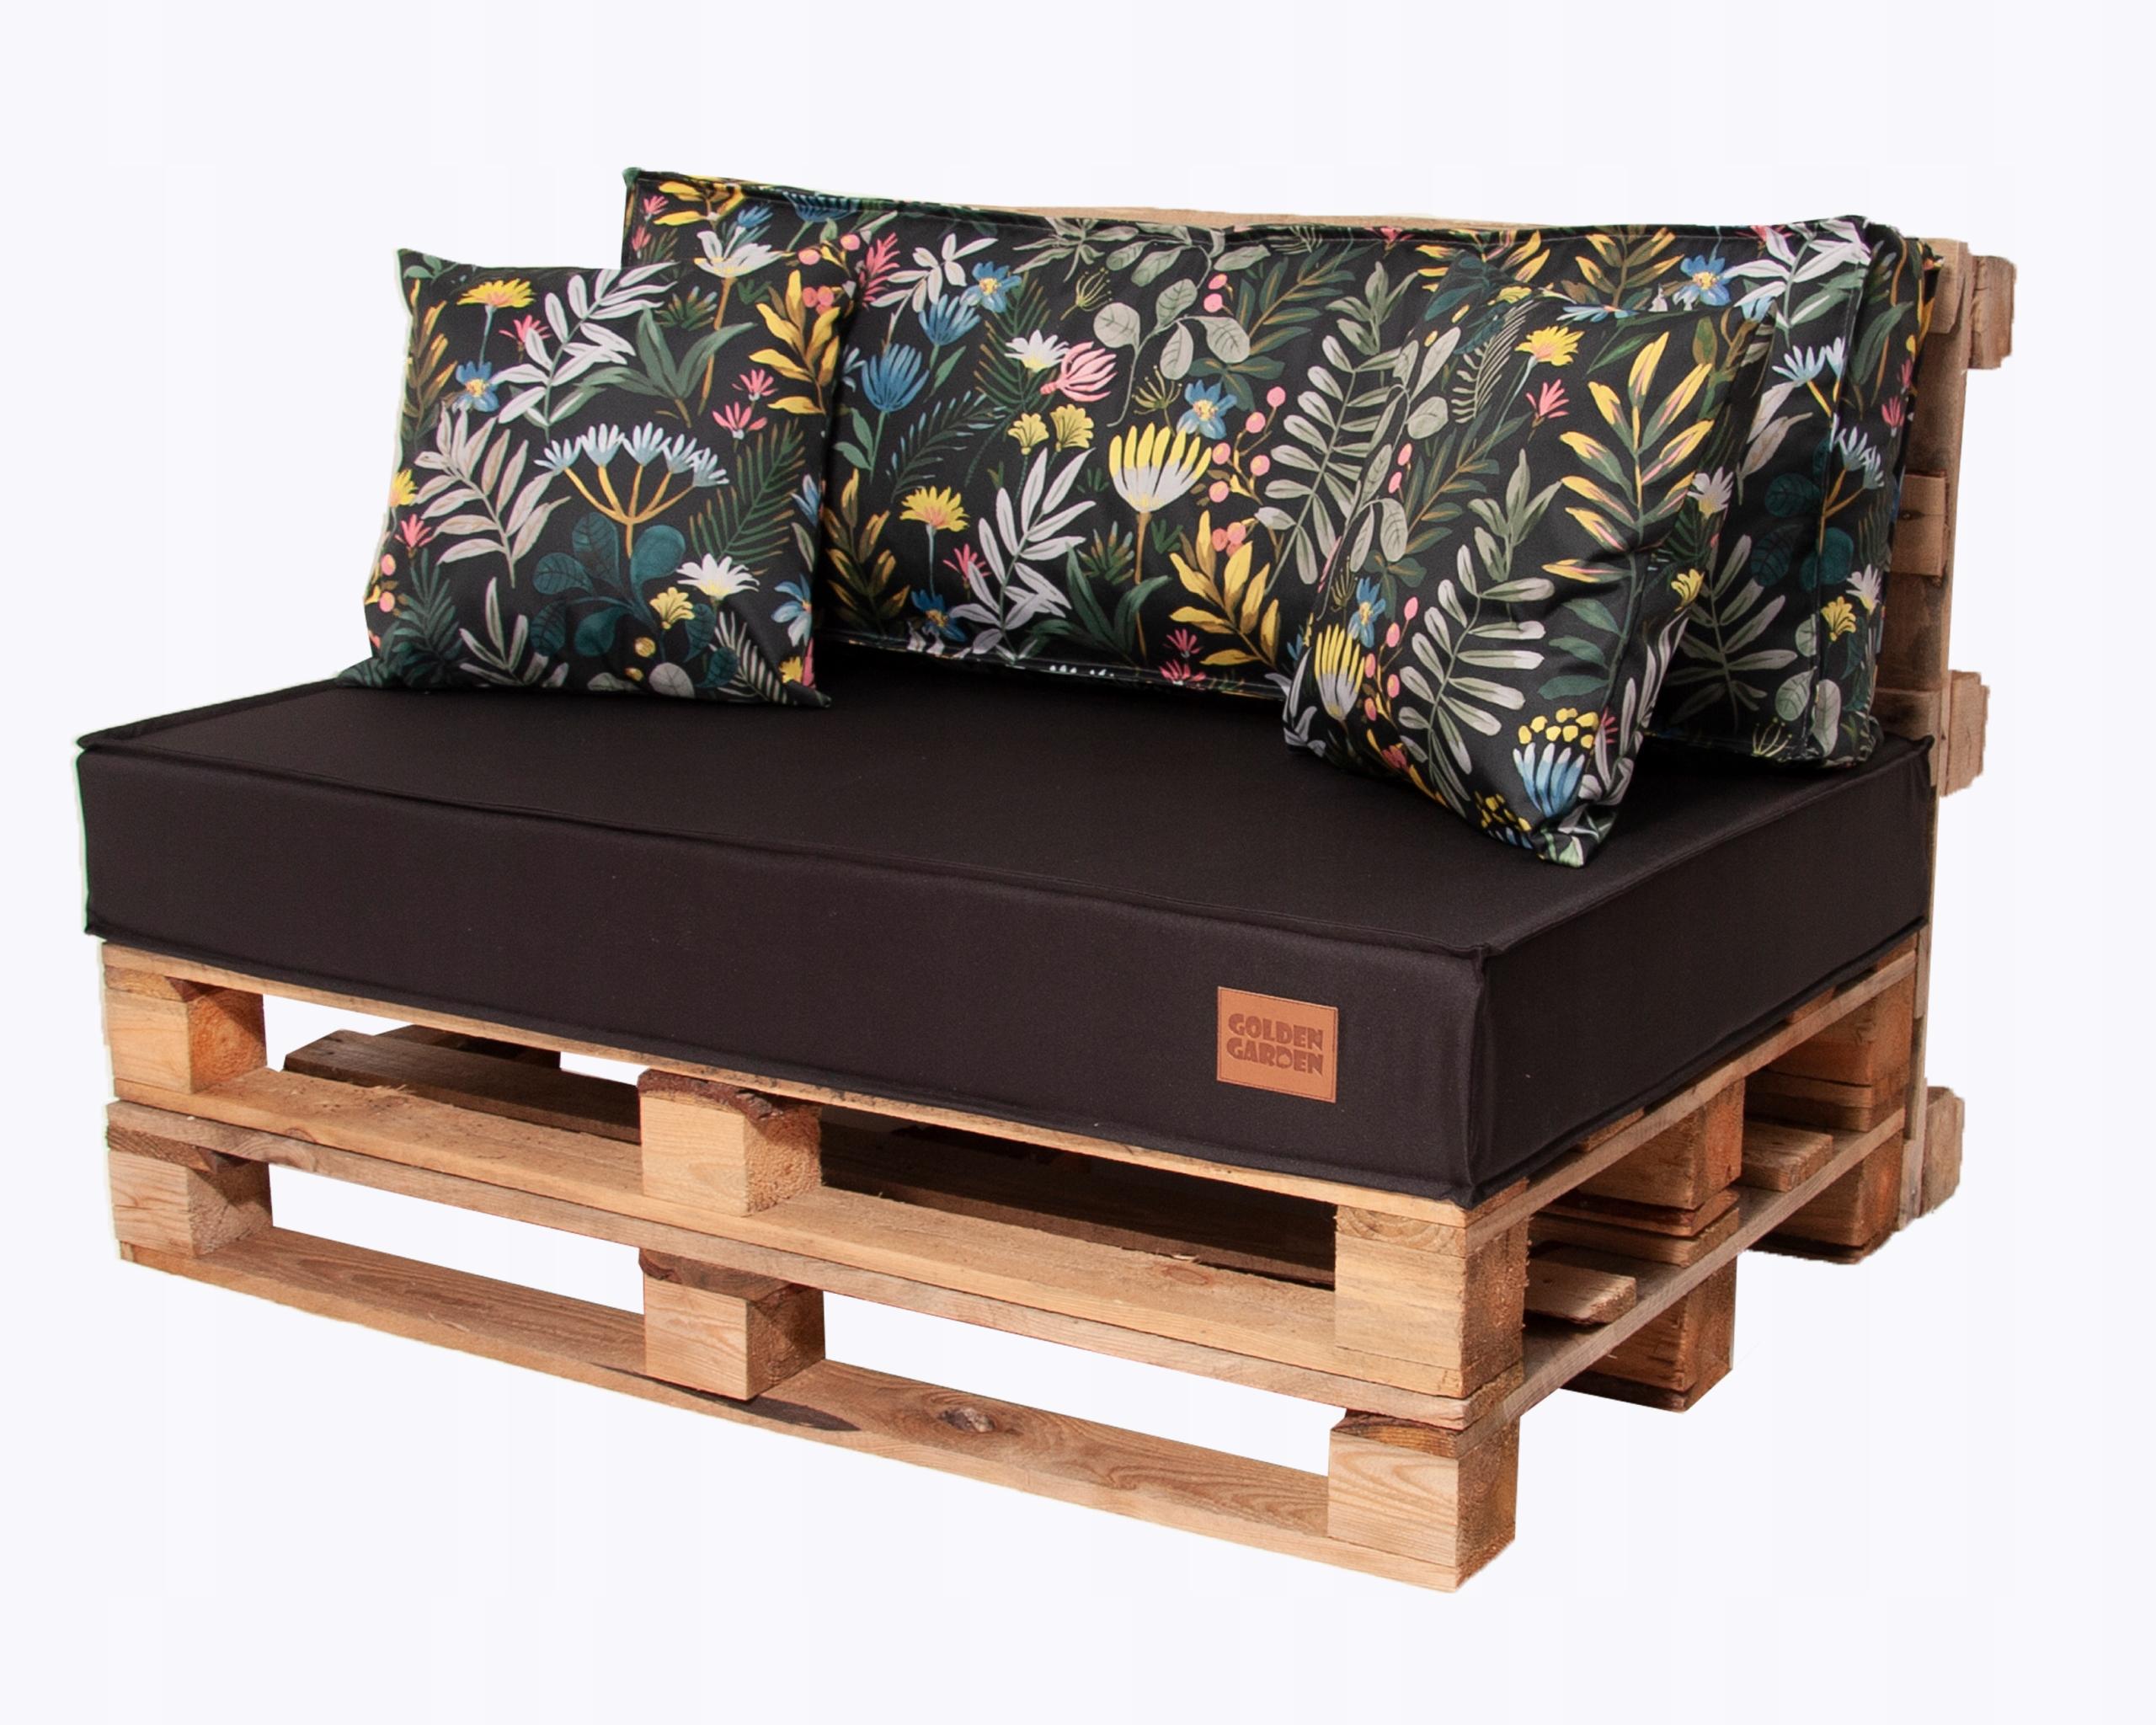 Садовые подушки для европоддонов 120x65x15 КОМПЛЕКТ